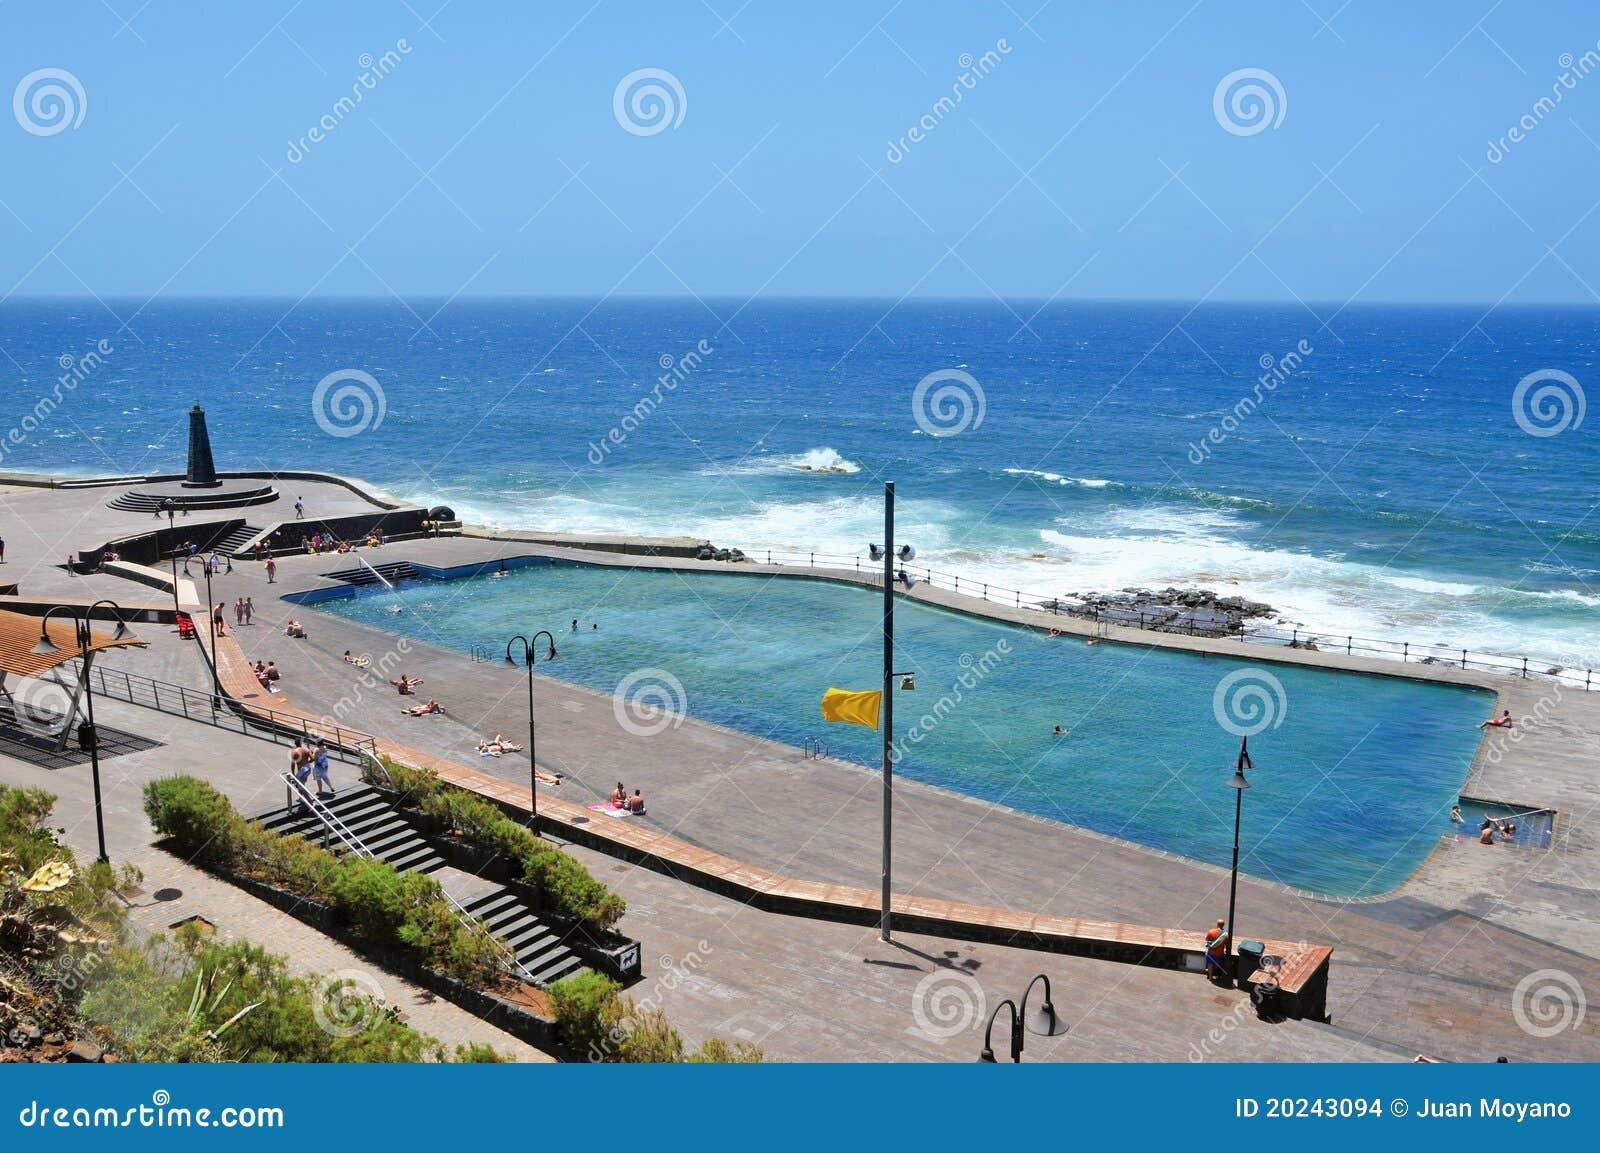 Piscine d 39 eau de mer dans bajamar tenerife espagne image for Piscine x eau